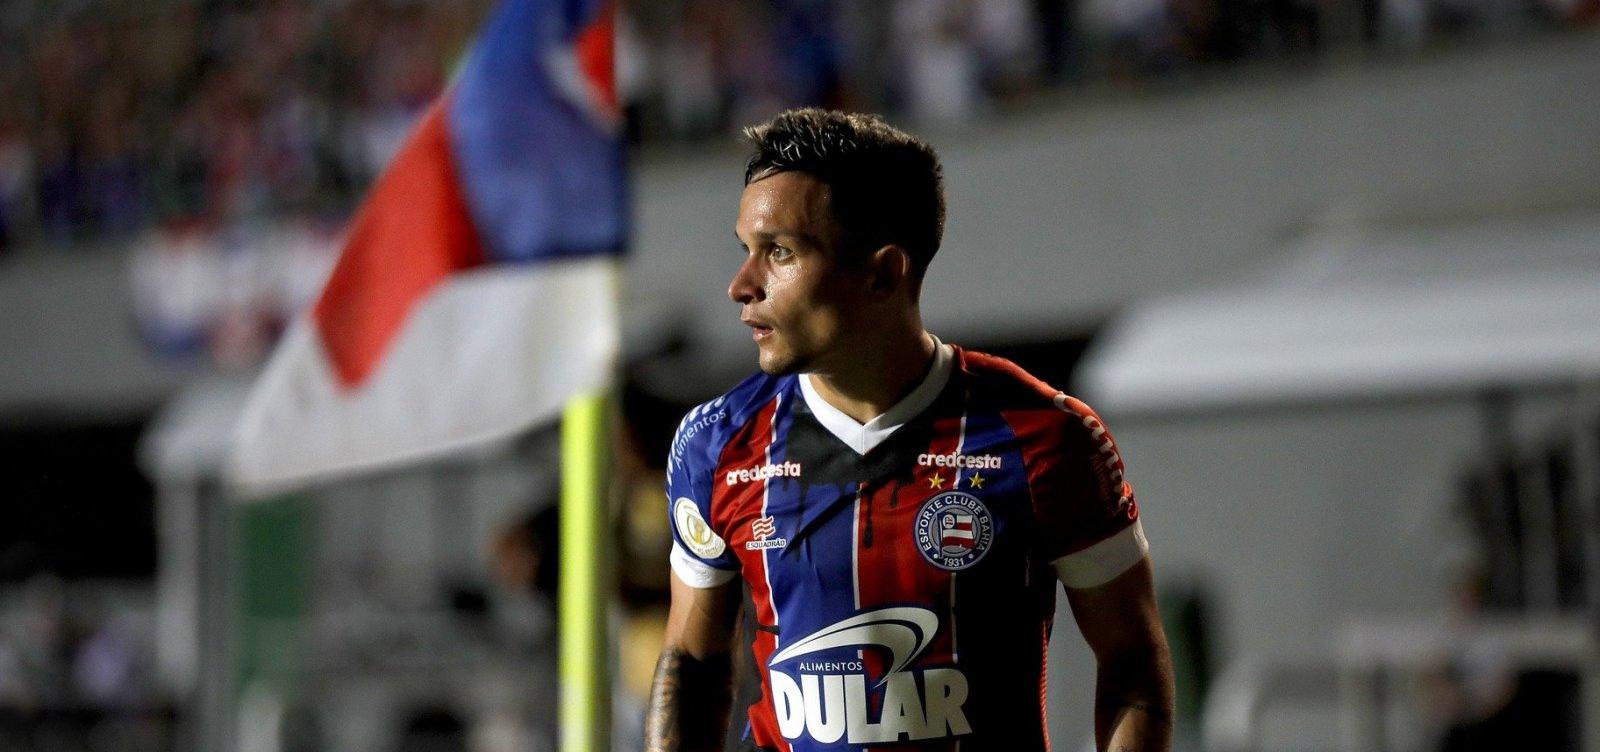 Artur Victor, do Bahia, é convocado pela seleção olímpica